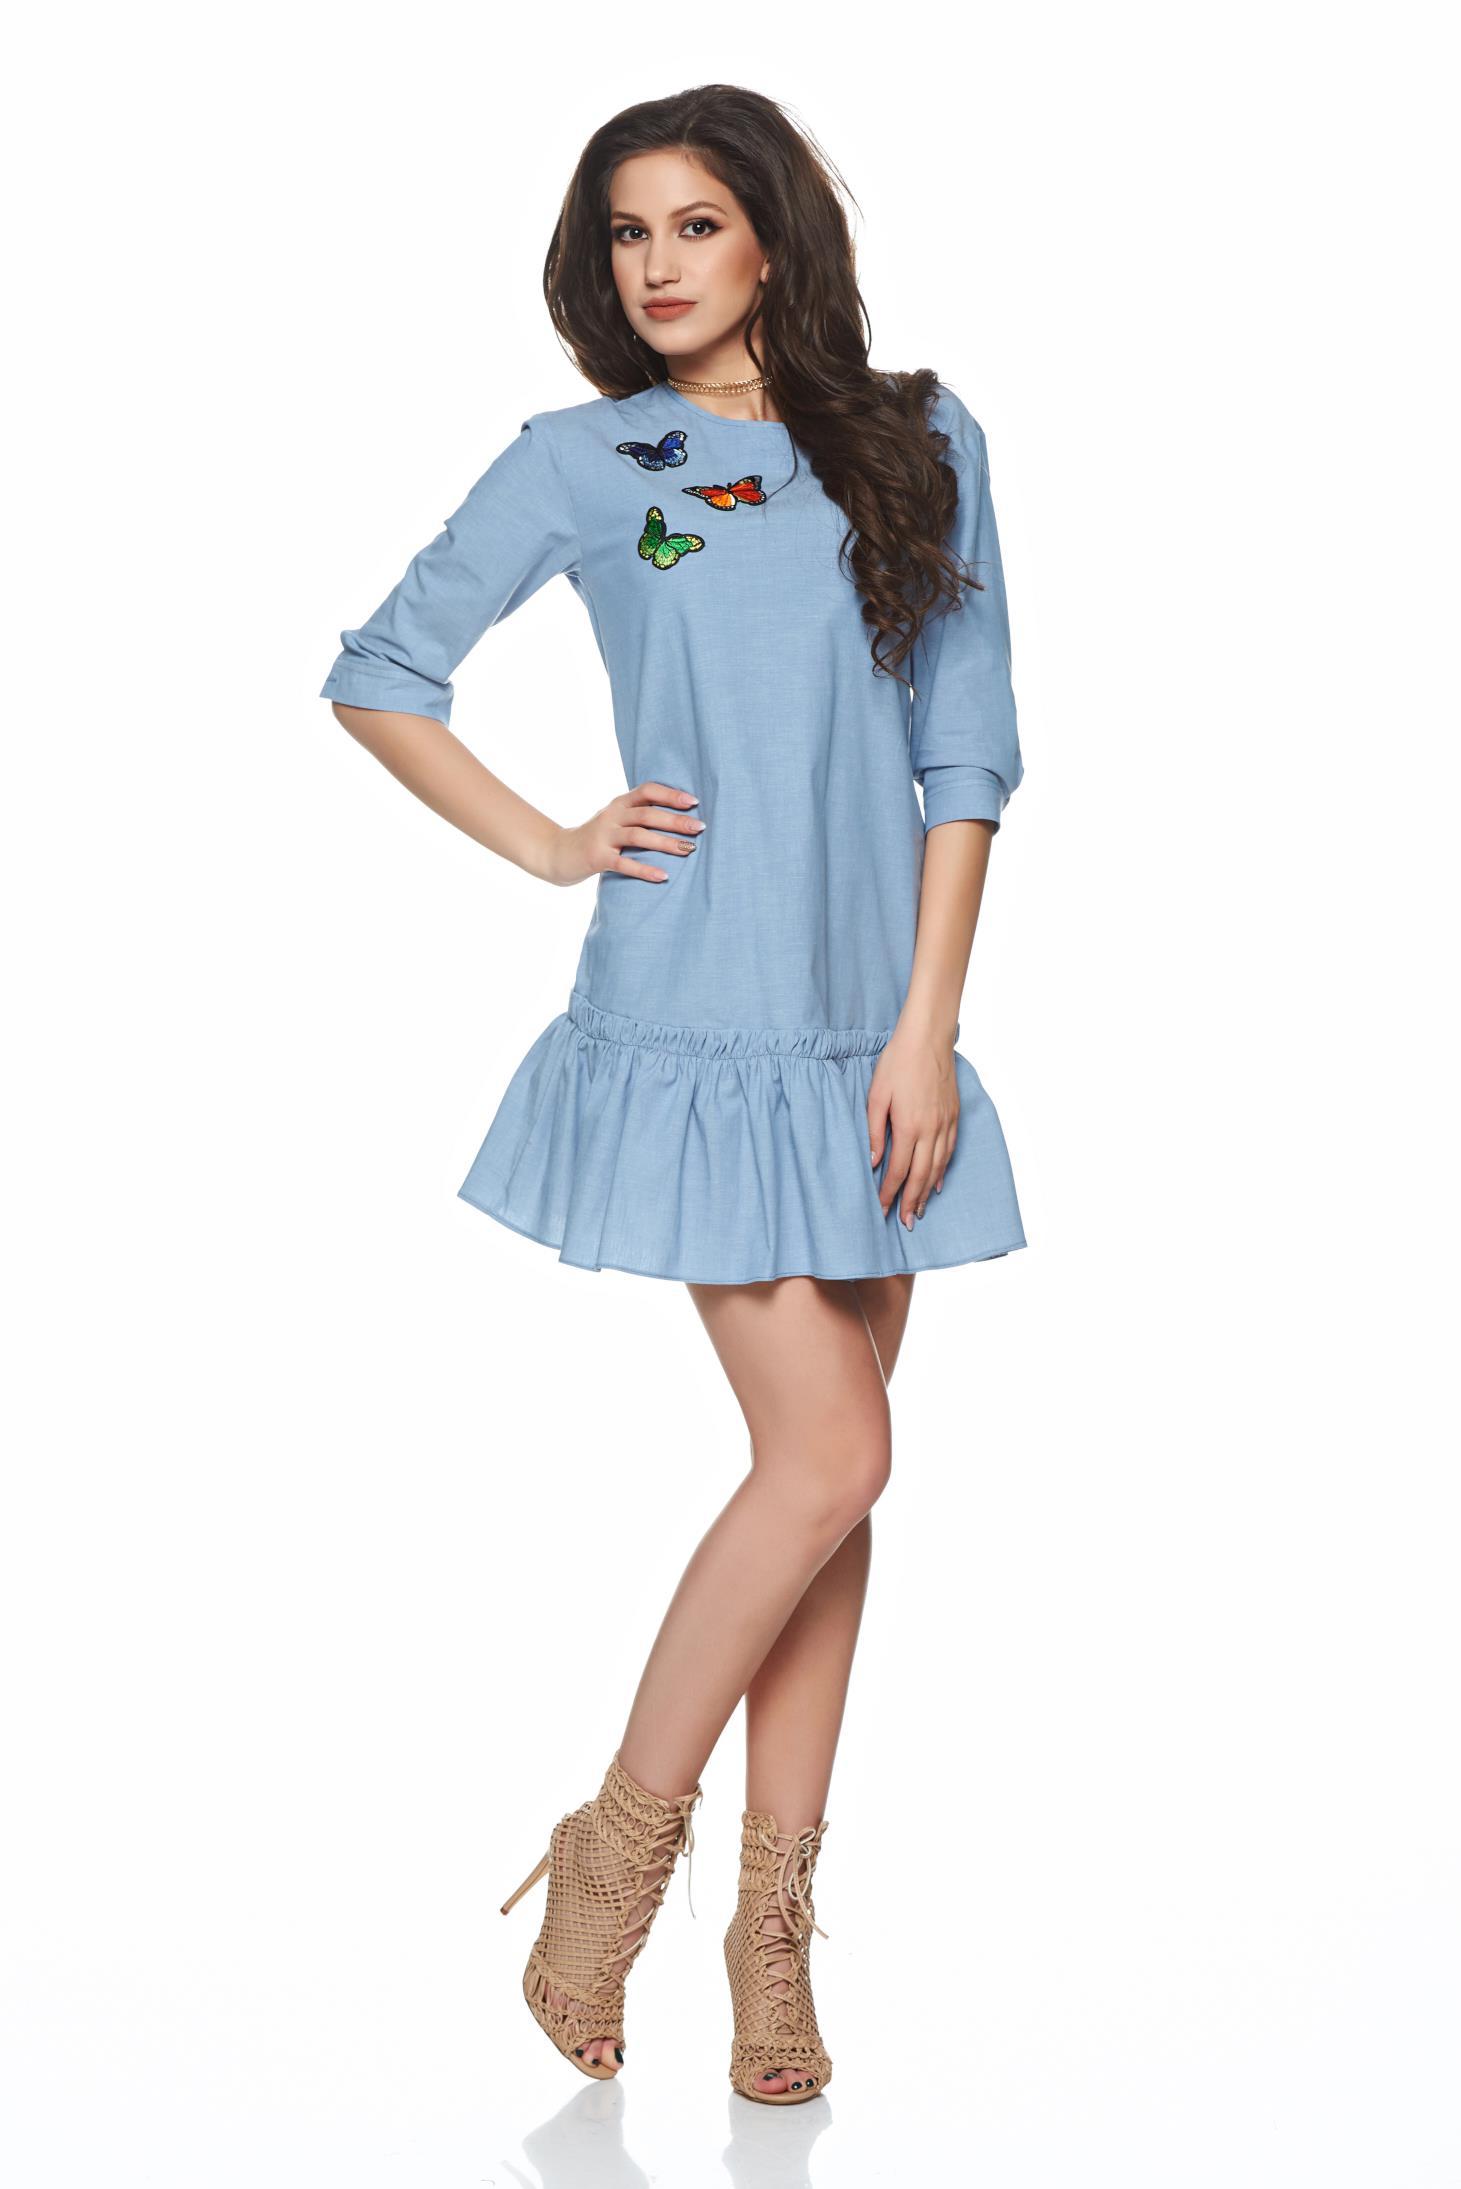 Rochie PrettyGirl albastra de zi brodata din bumbac cu volanase la baza rochiei